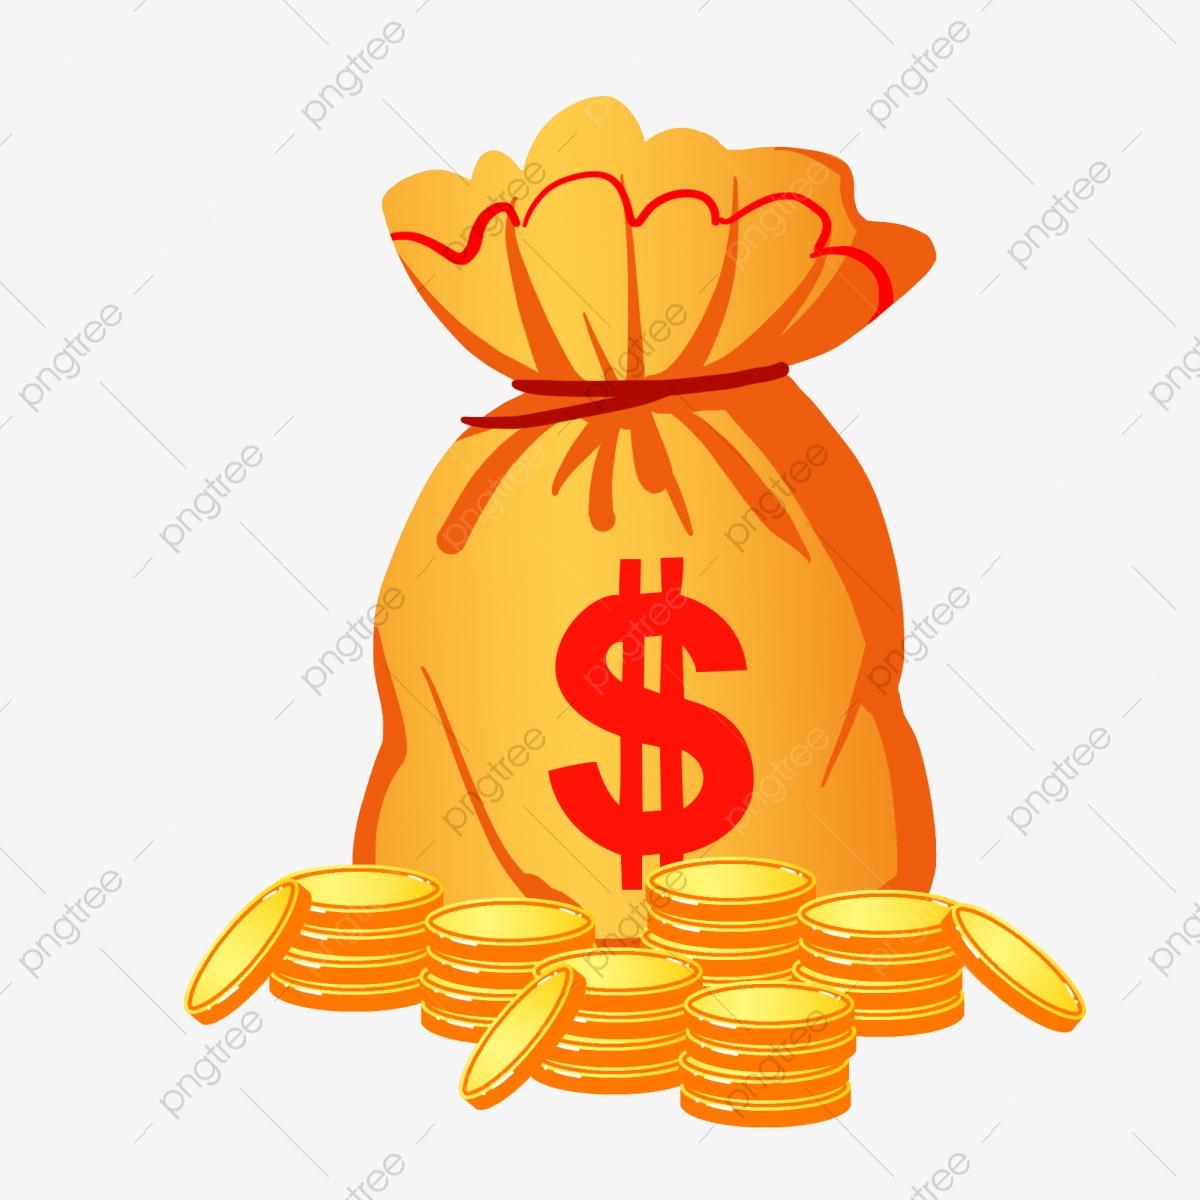 Cartoon hand money . Pocket clipart illustration